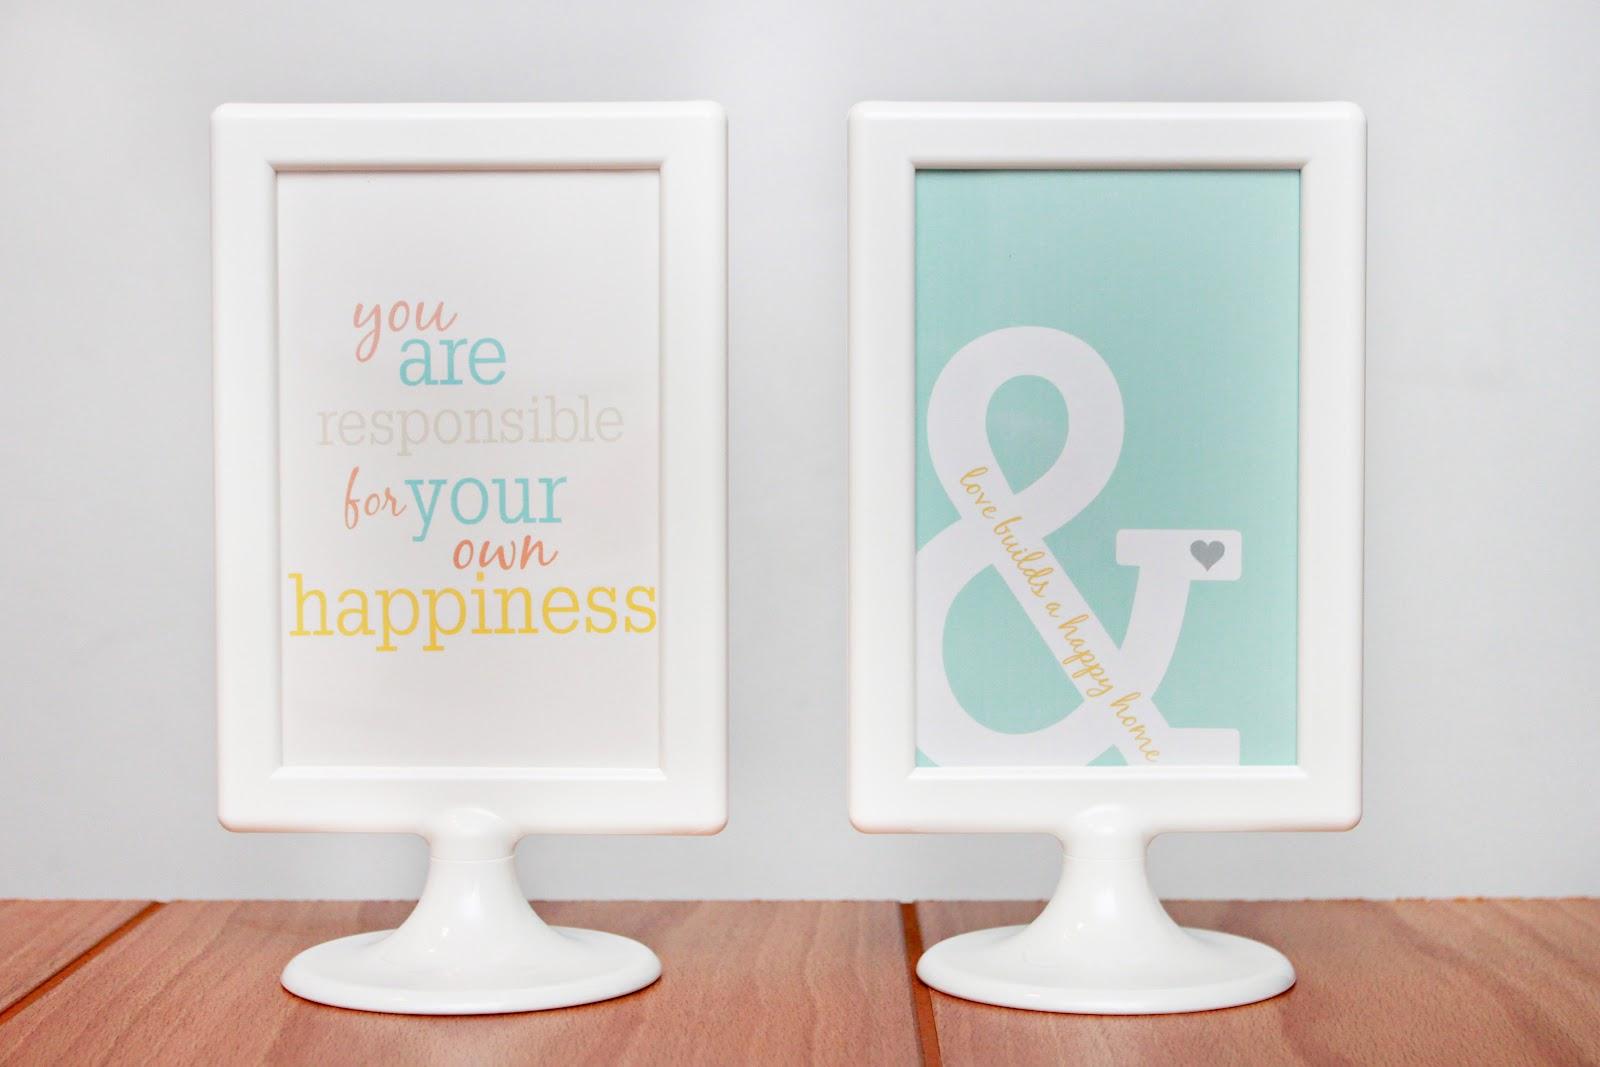 Free Printable Sayings to Frame